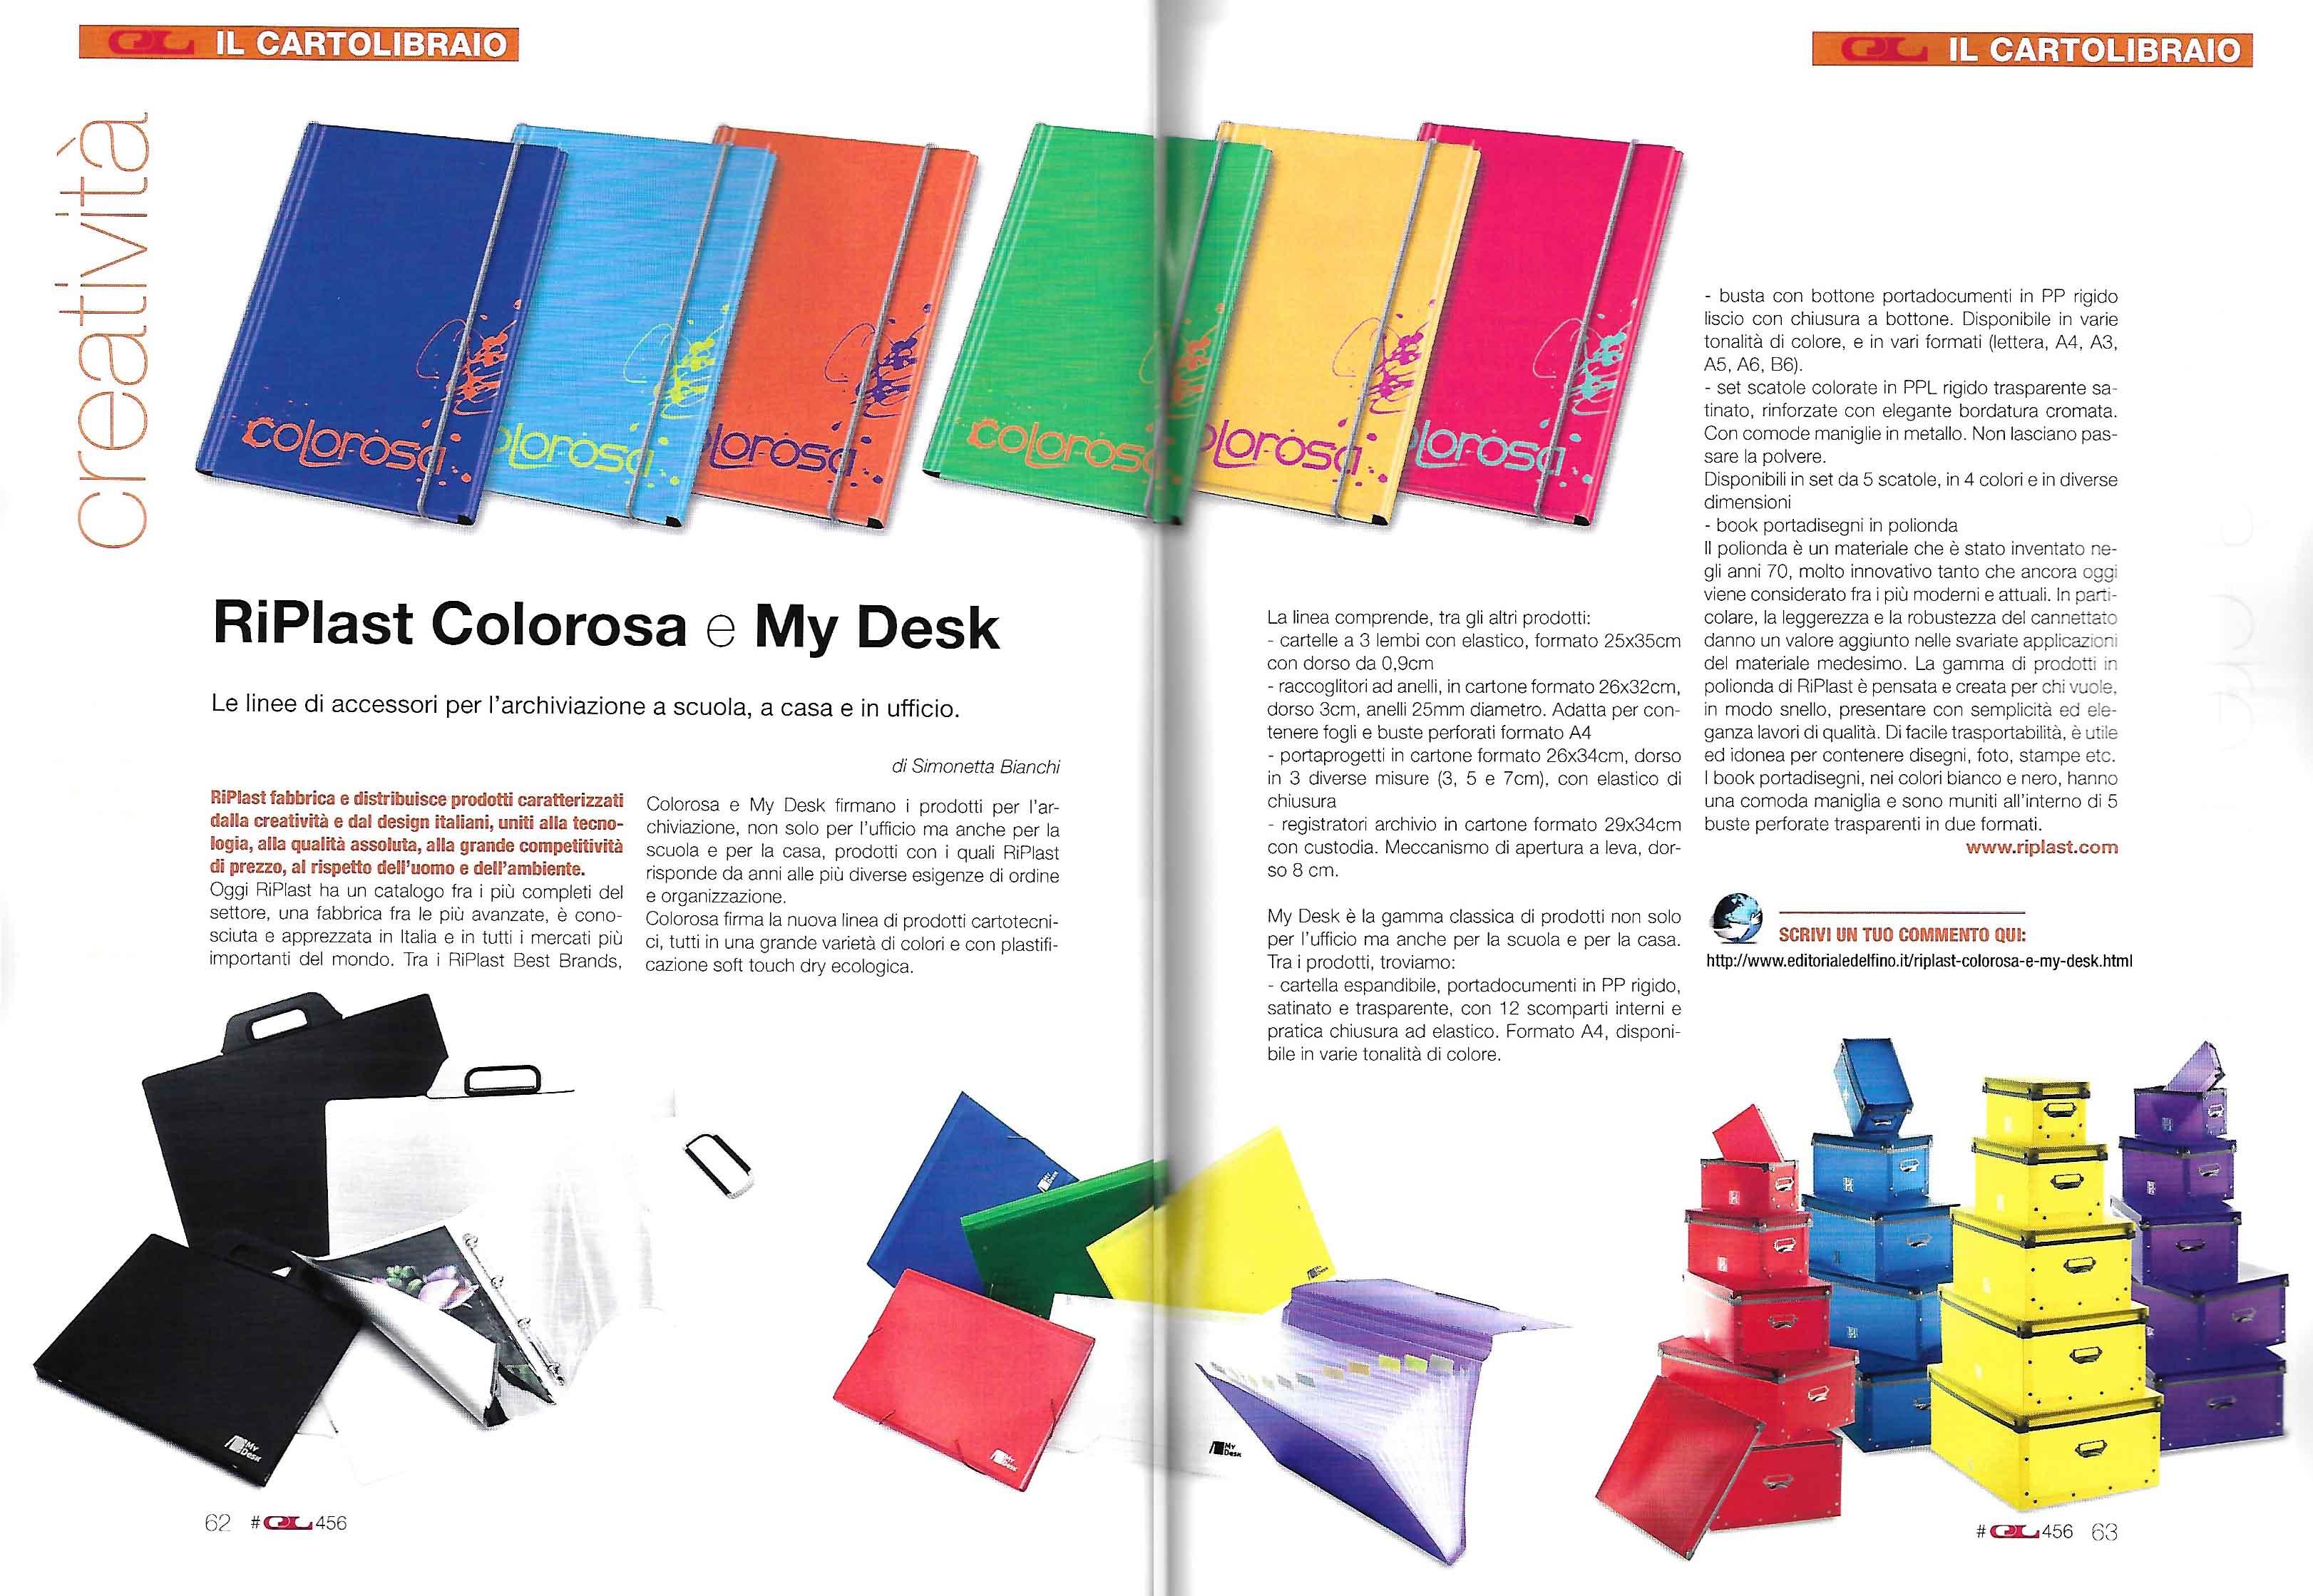 IL CARTOLIBRAIO ott 2017 - Colorosa + My Desk